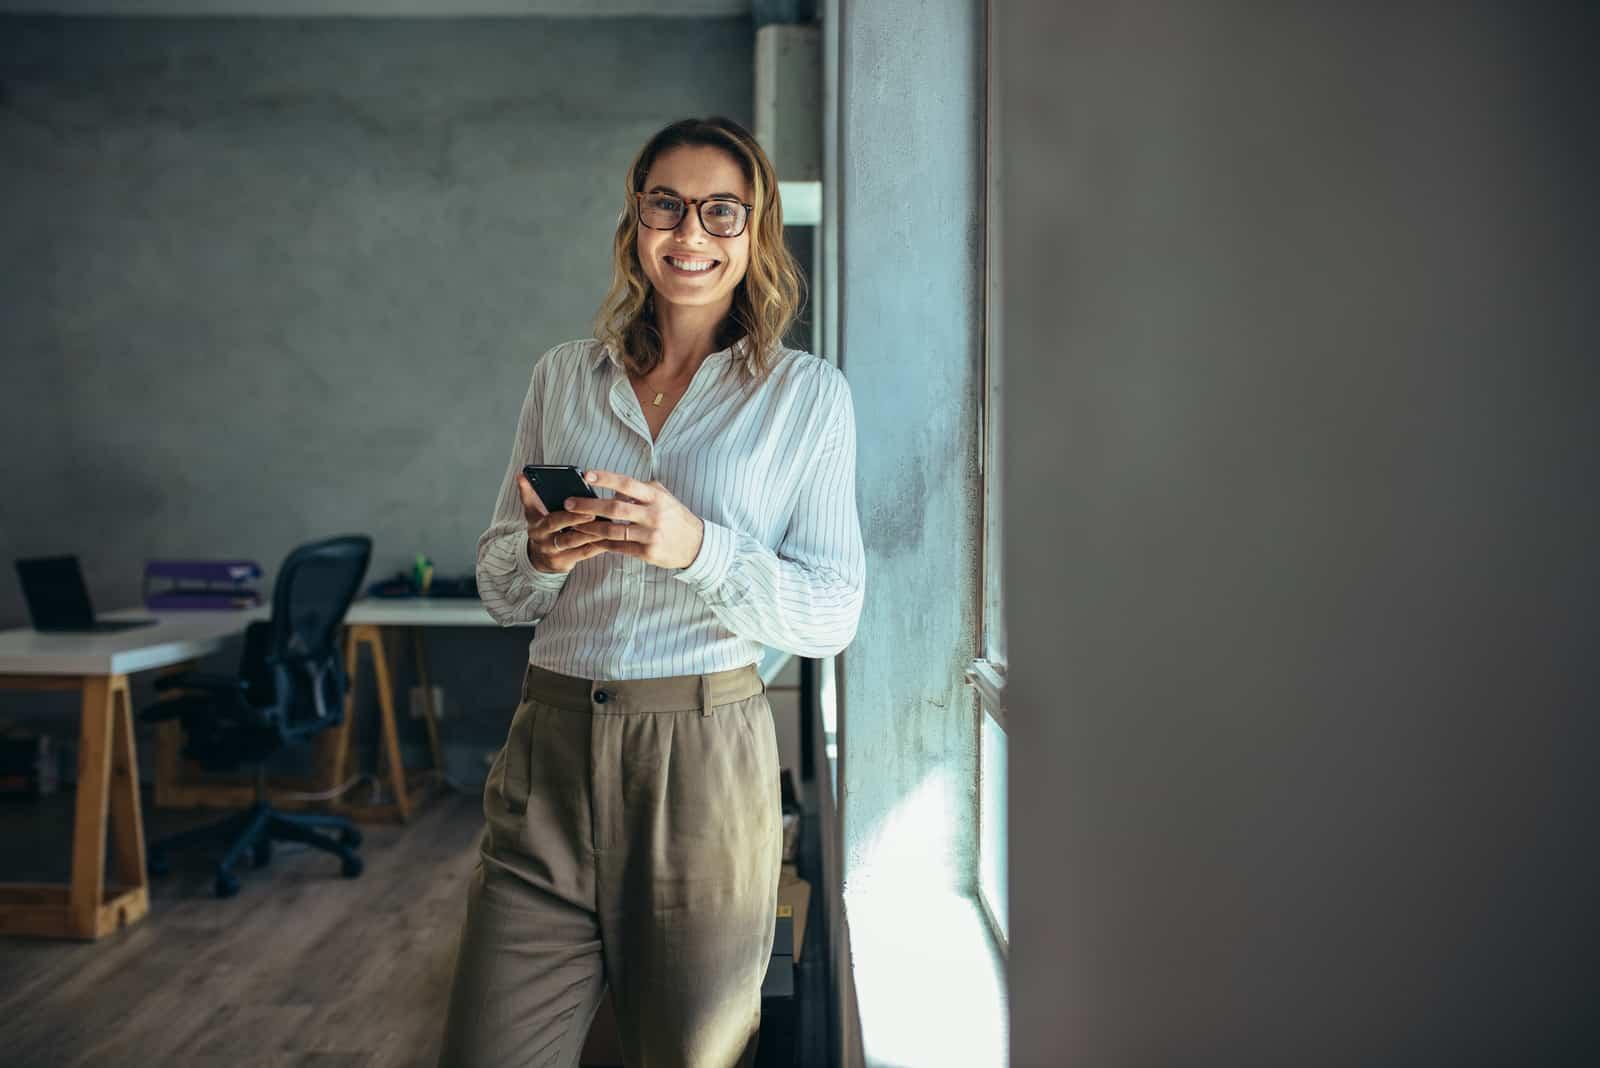 une femme souriante se tient appuyée contre un mur et tient un téléphone à la main